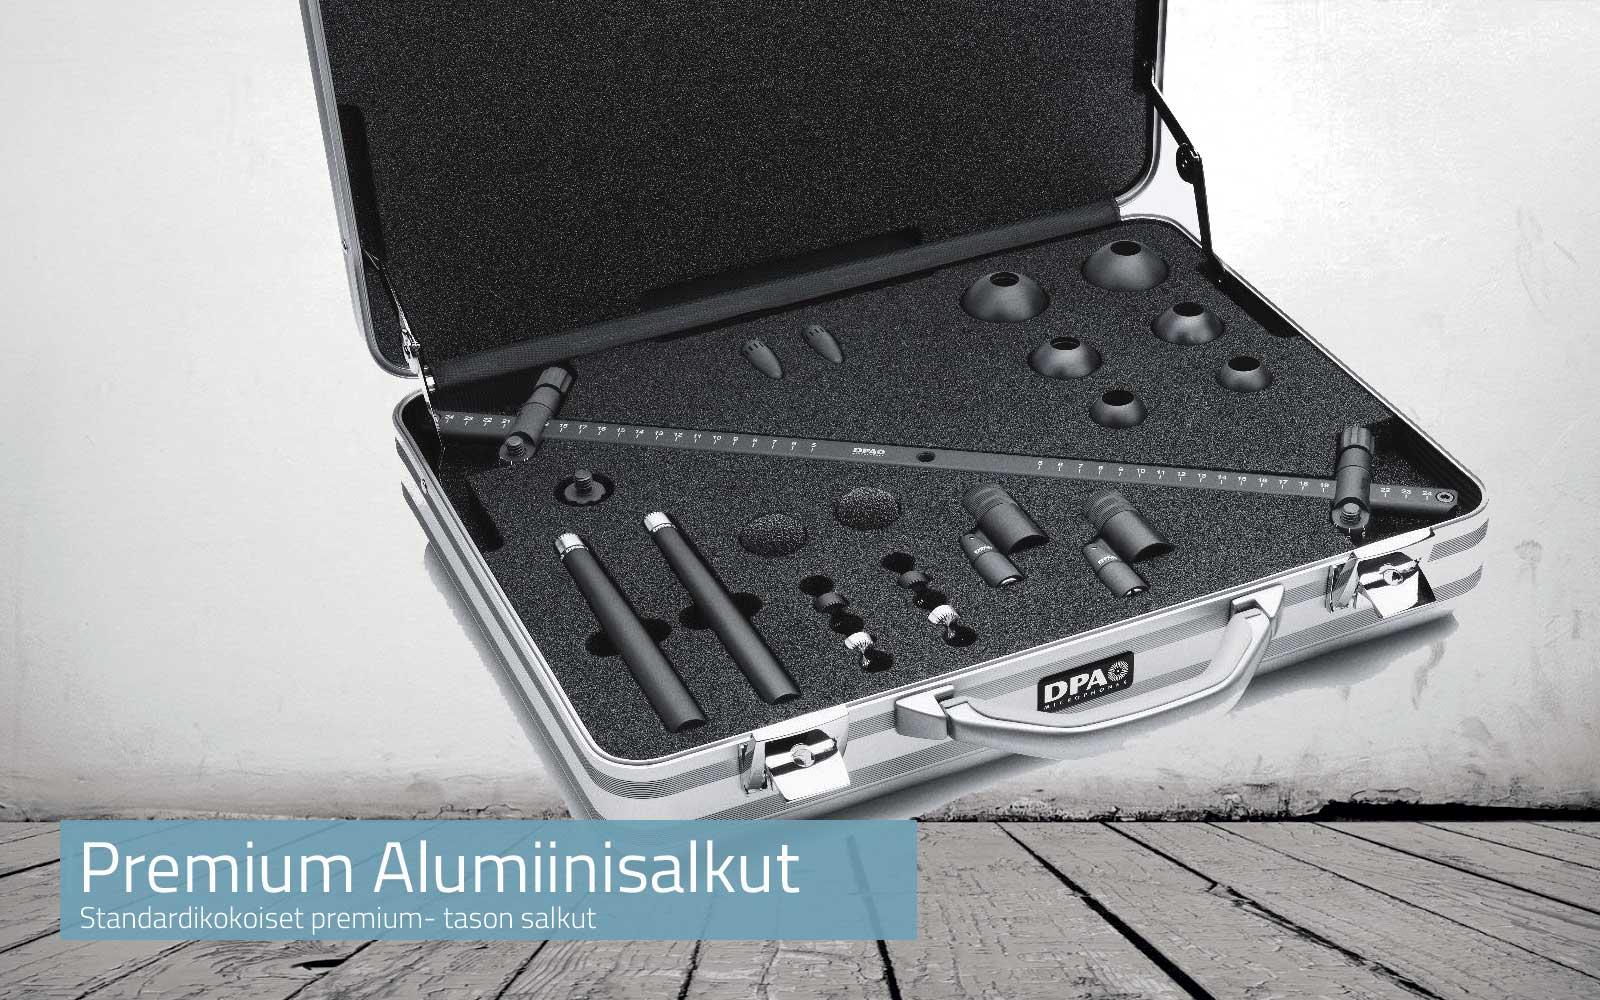 Premium Alumiinisalkut  Standardikokoiset premium- tason salkut